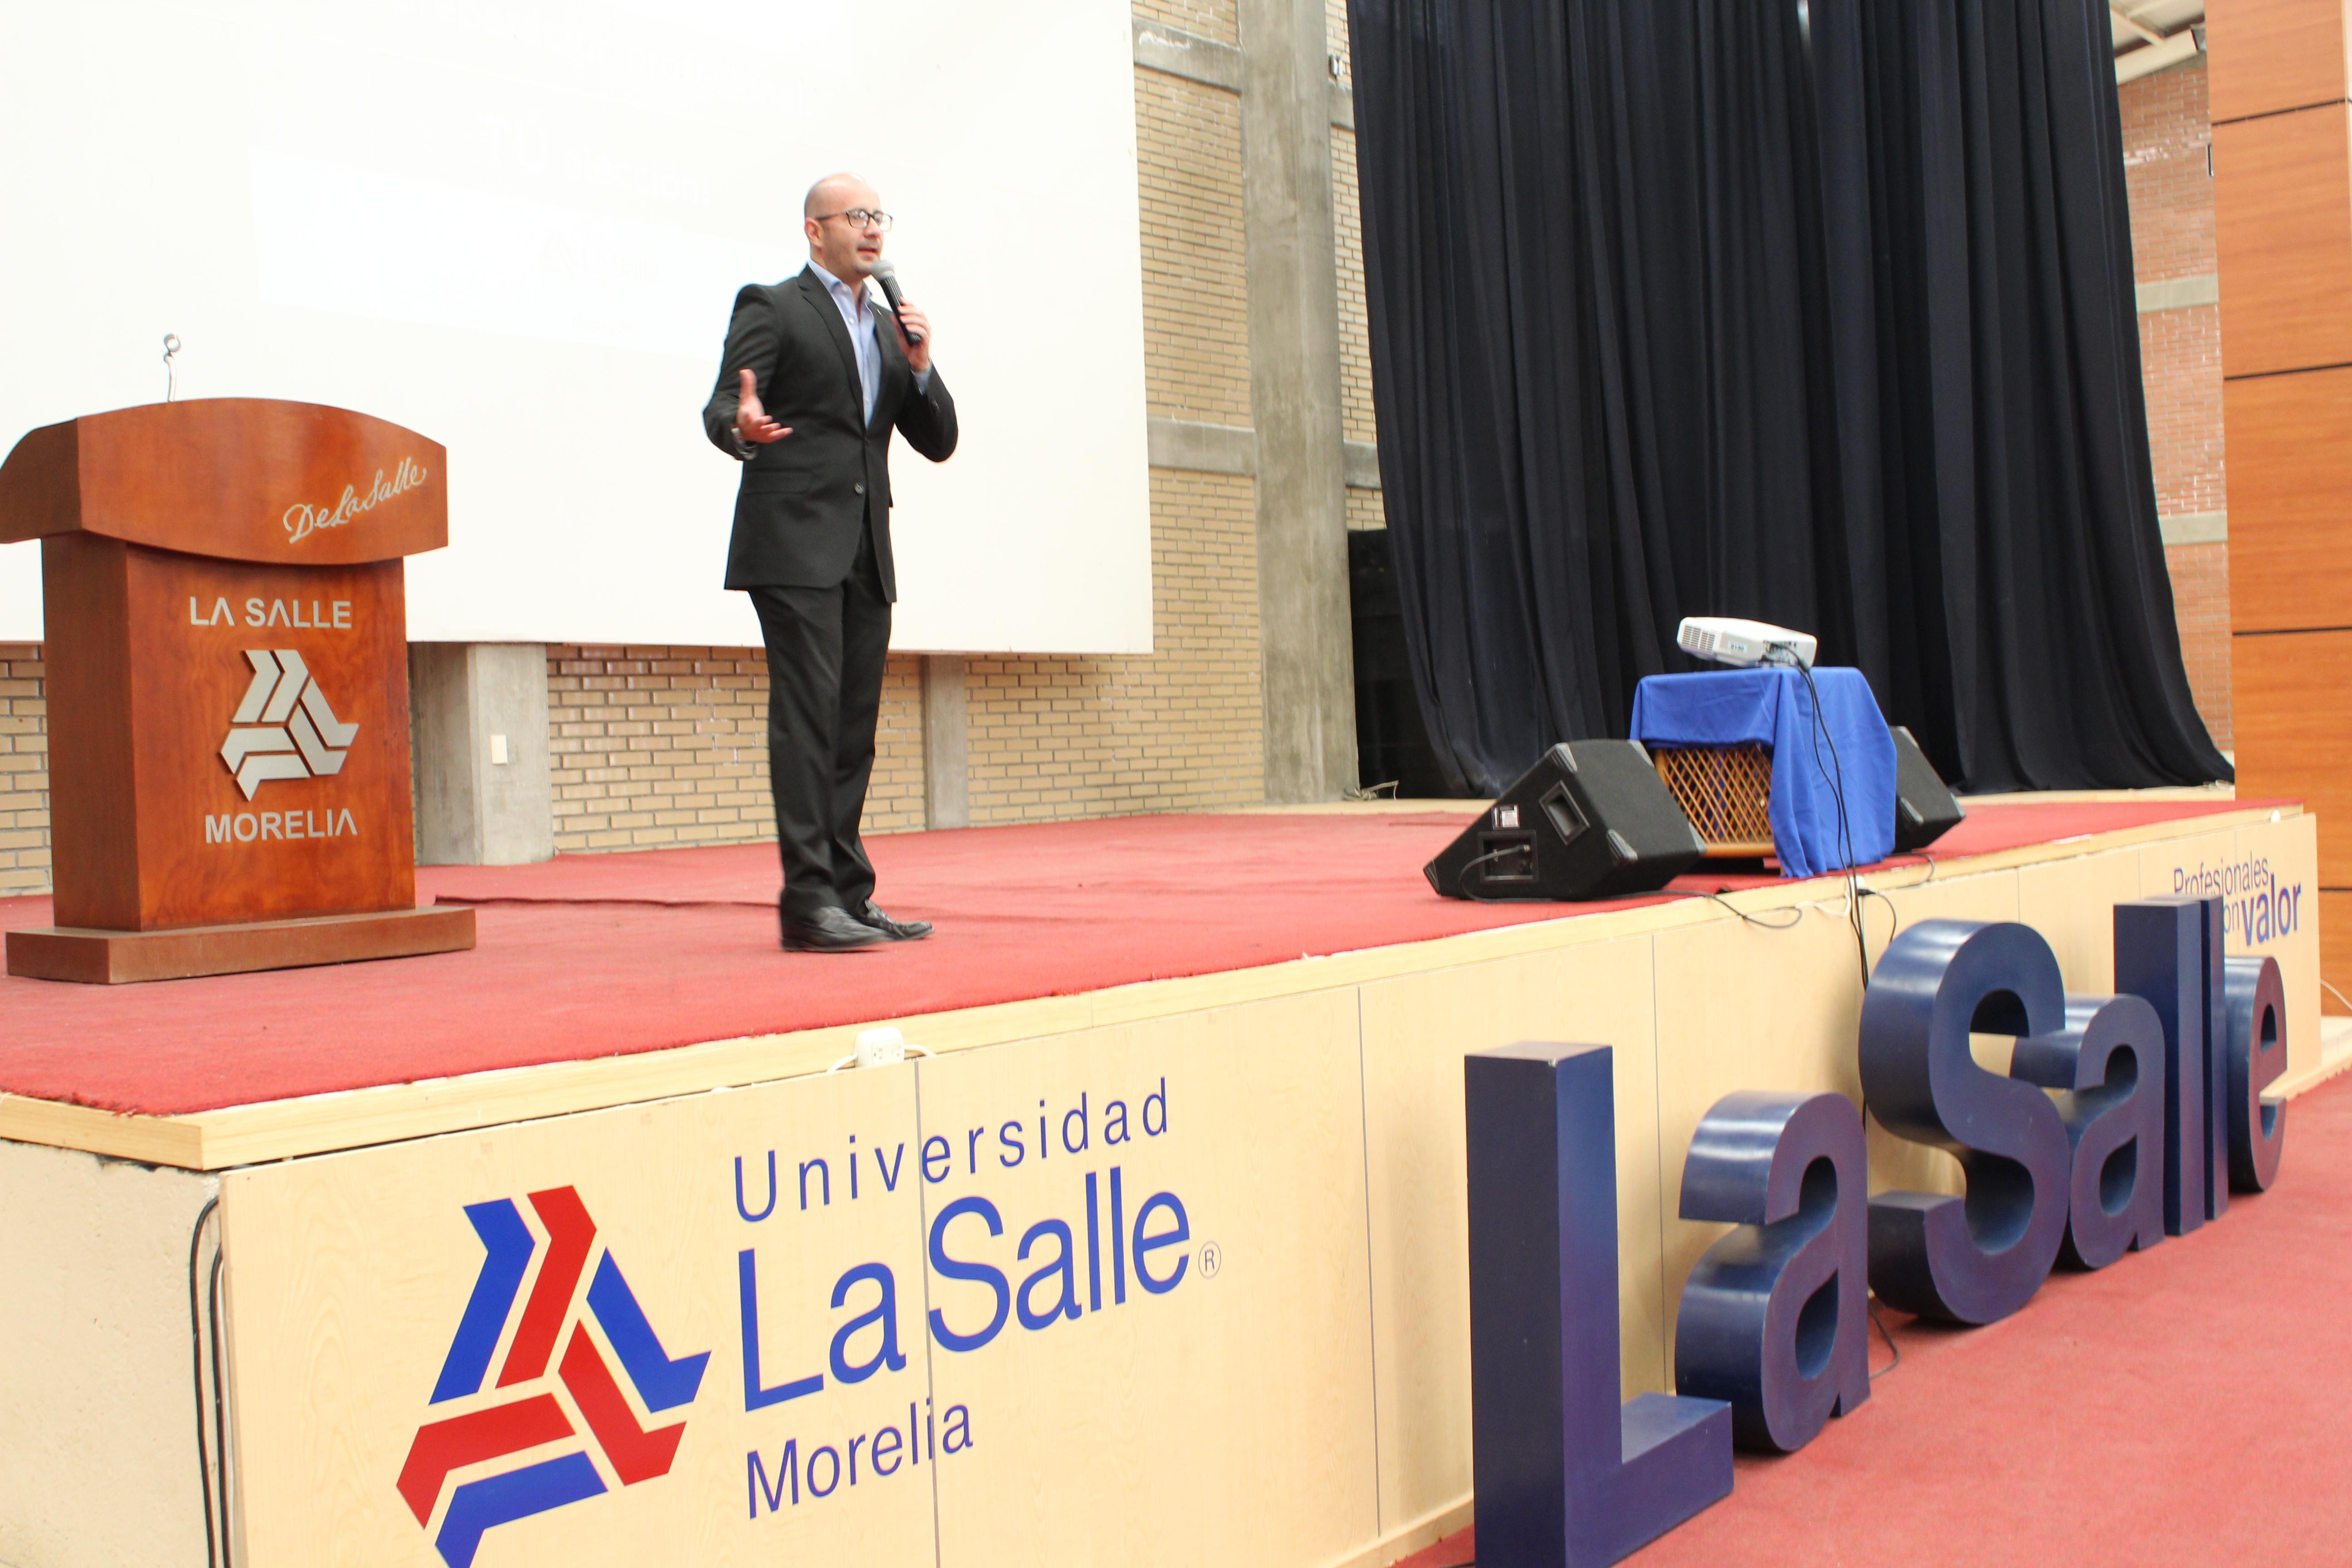 CONFERENCIA DEL MAESTRO MARKEL LEHMAN